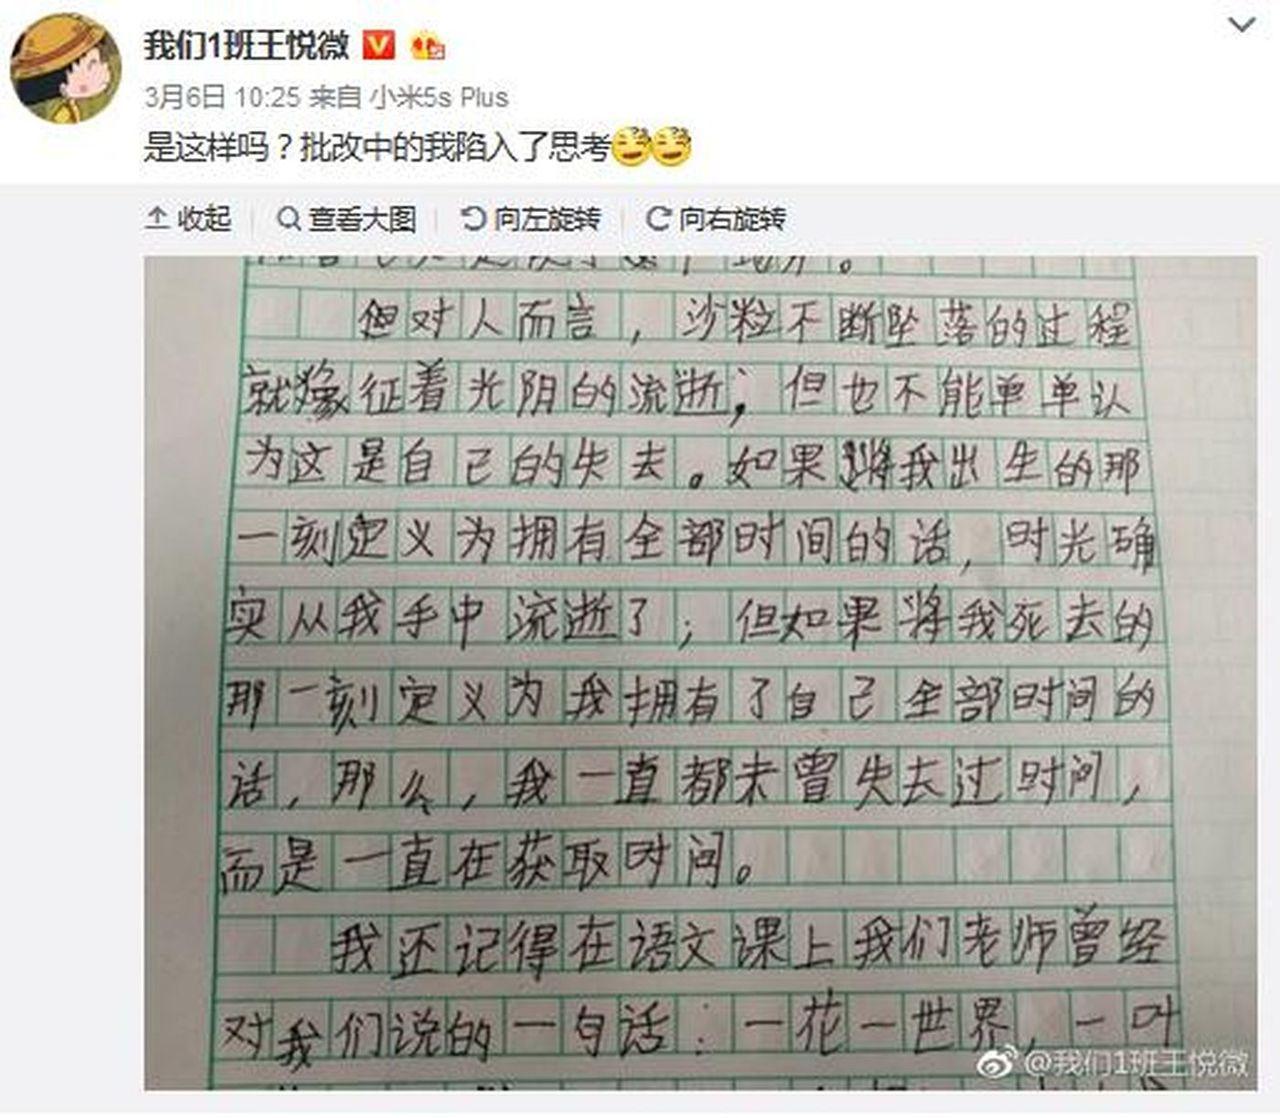 寧波華天小學王老師日前上傳一篇六年級學生的作文片段,看過的人都感嘆一個六年級的孩...